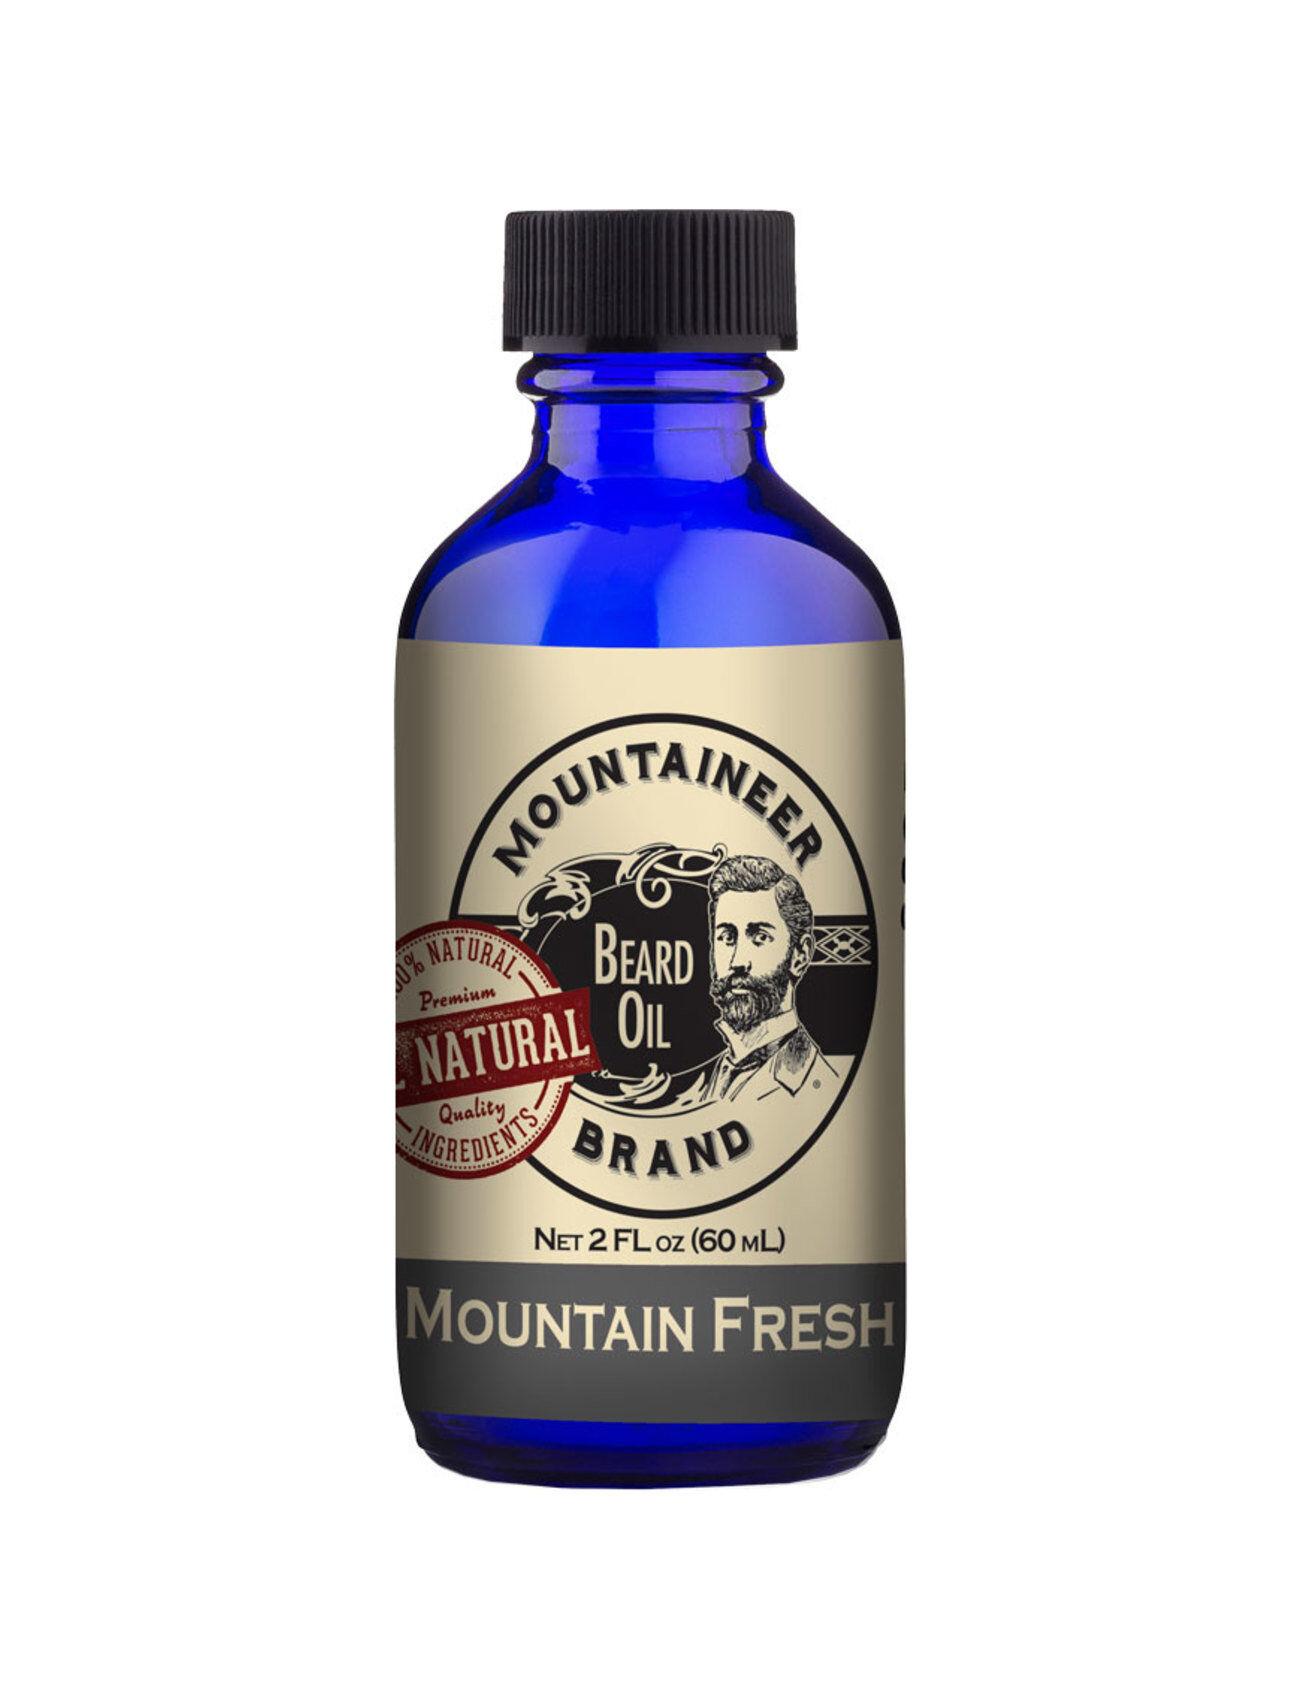 Mountaineer Brand Coal Beard Oil Shaving Products Beard Oil Nude Mountaineer Brand